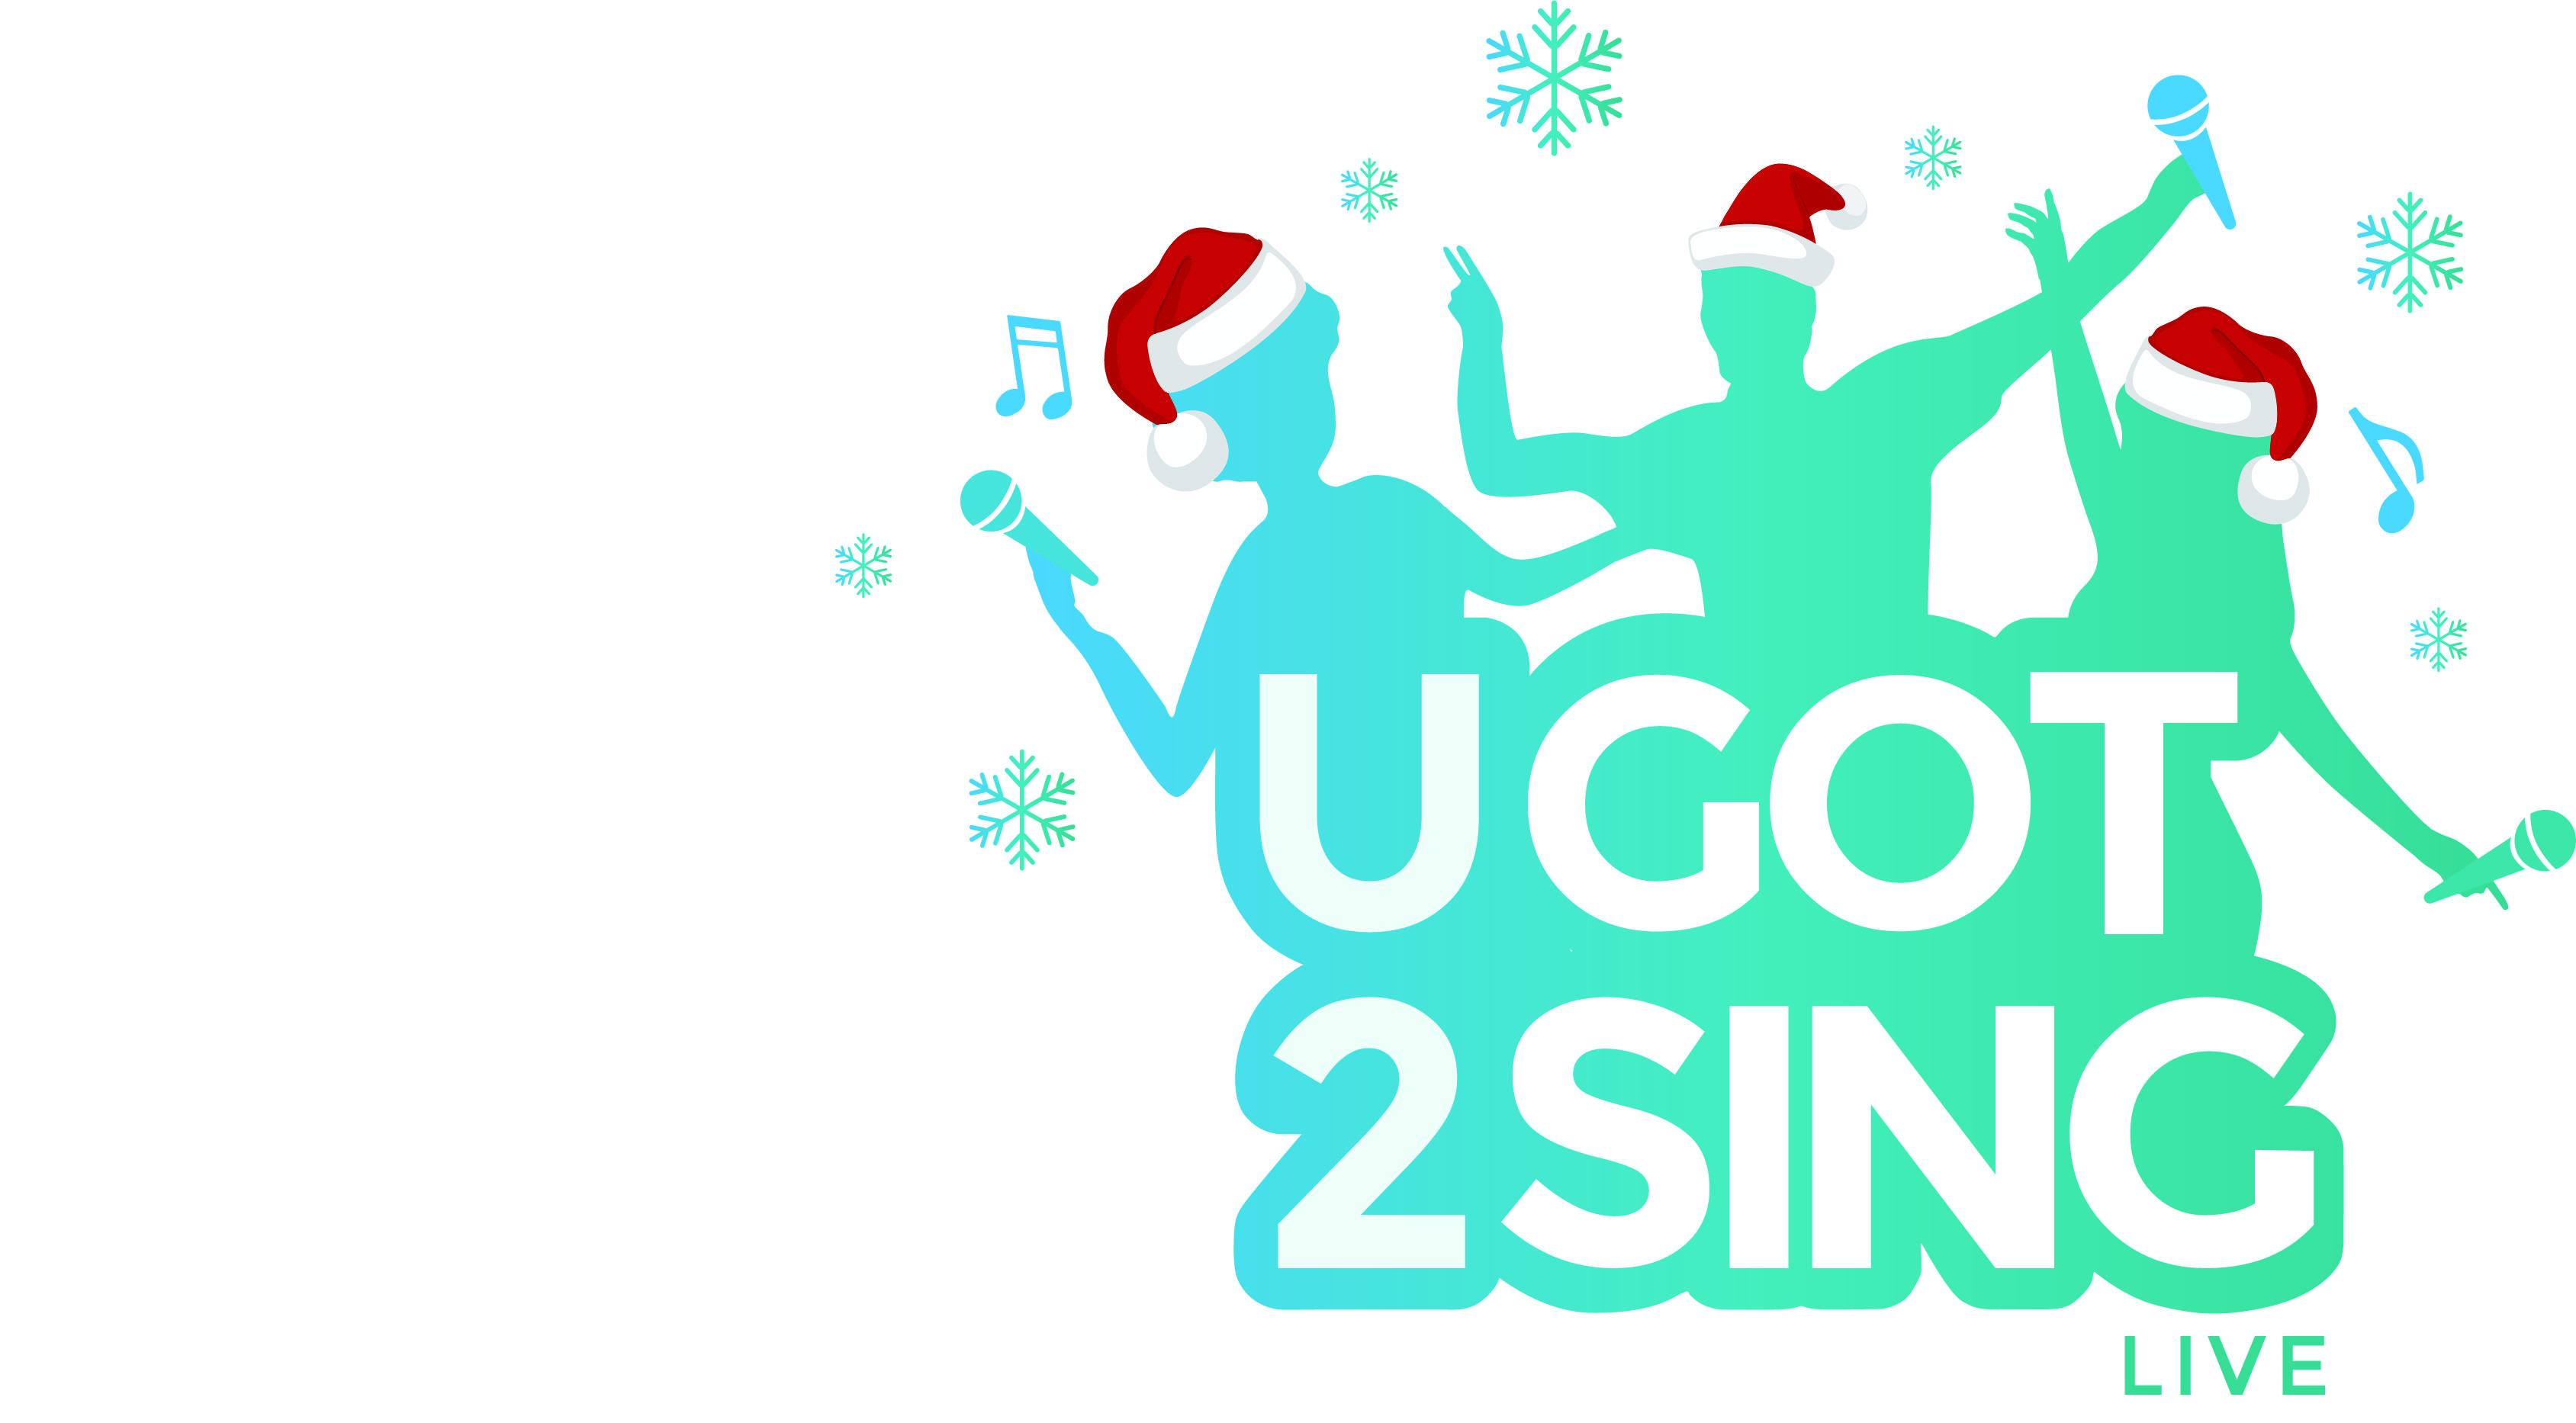 UGOT2SING